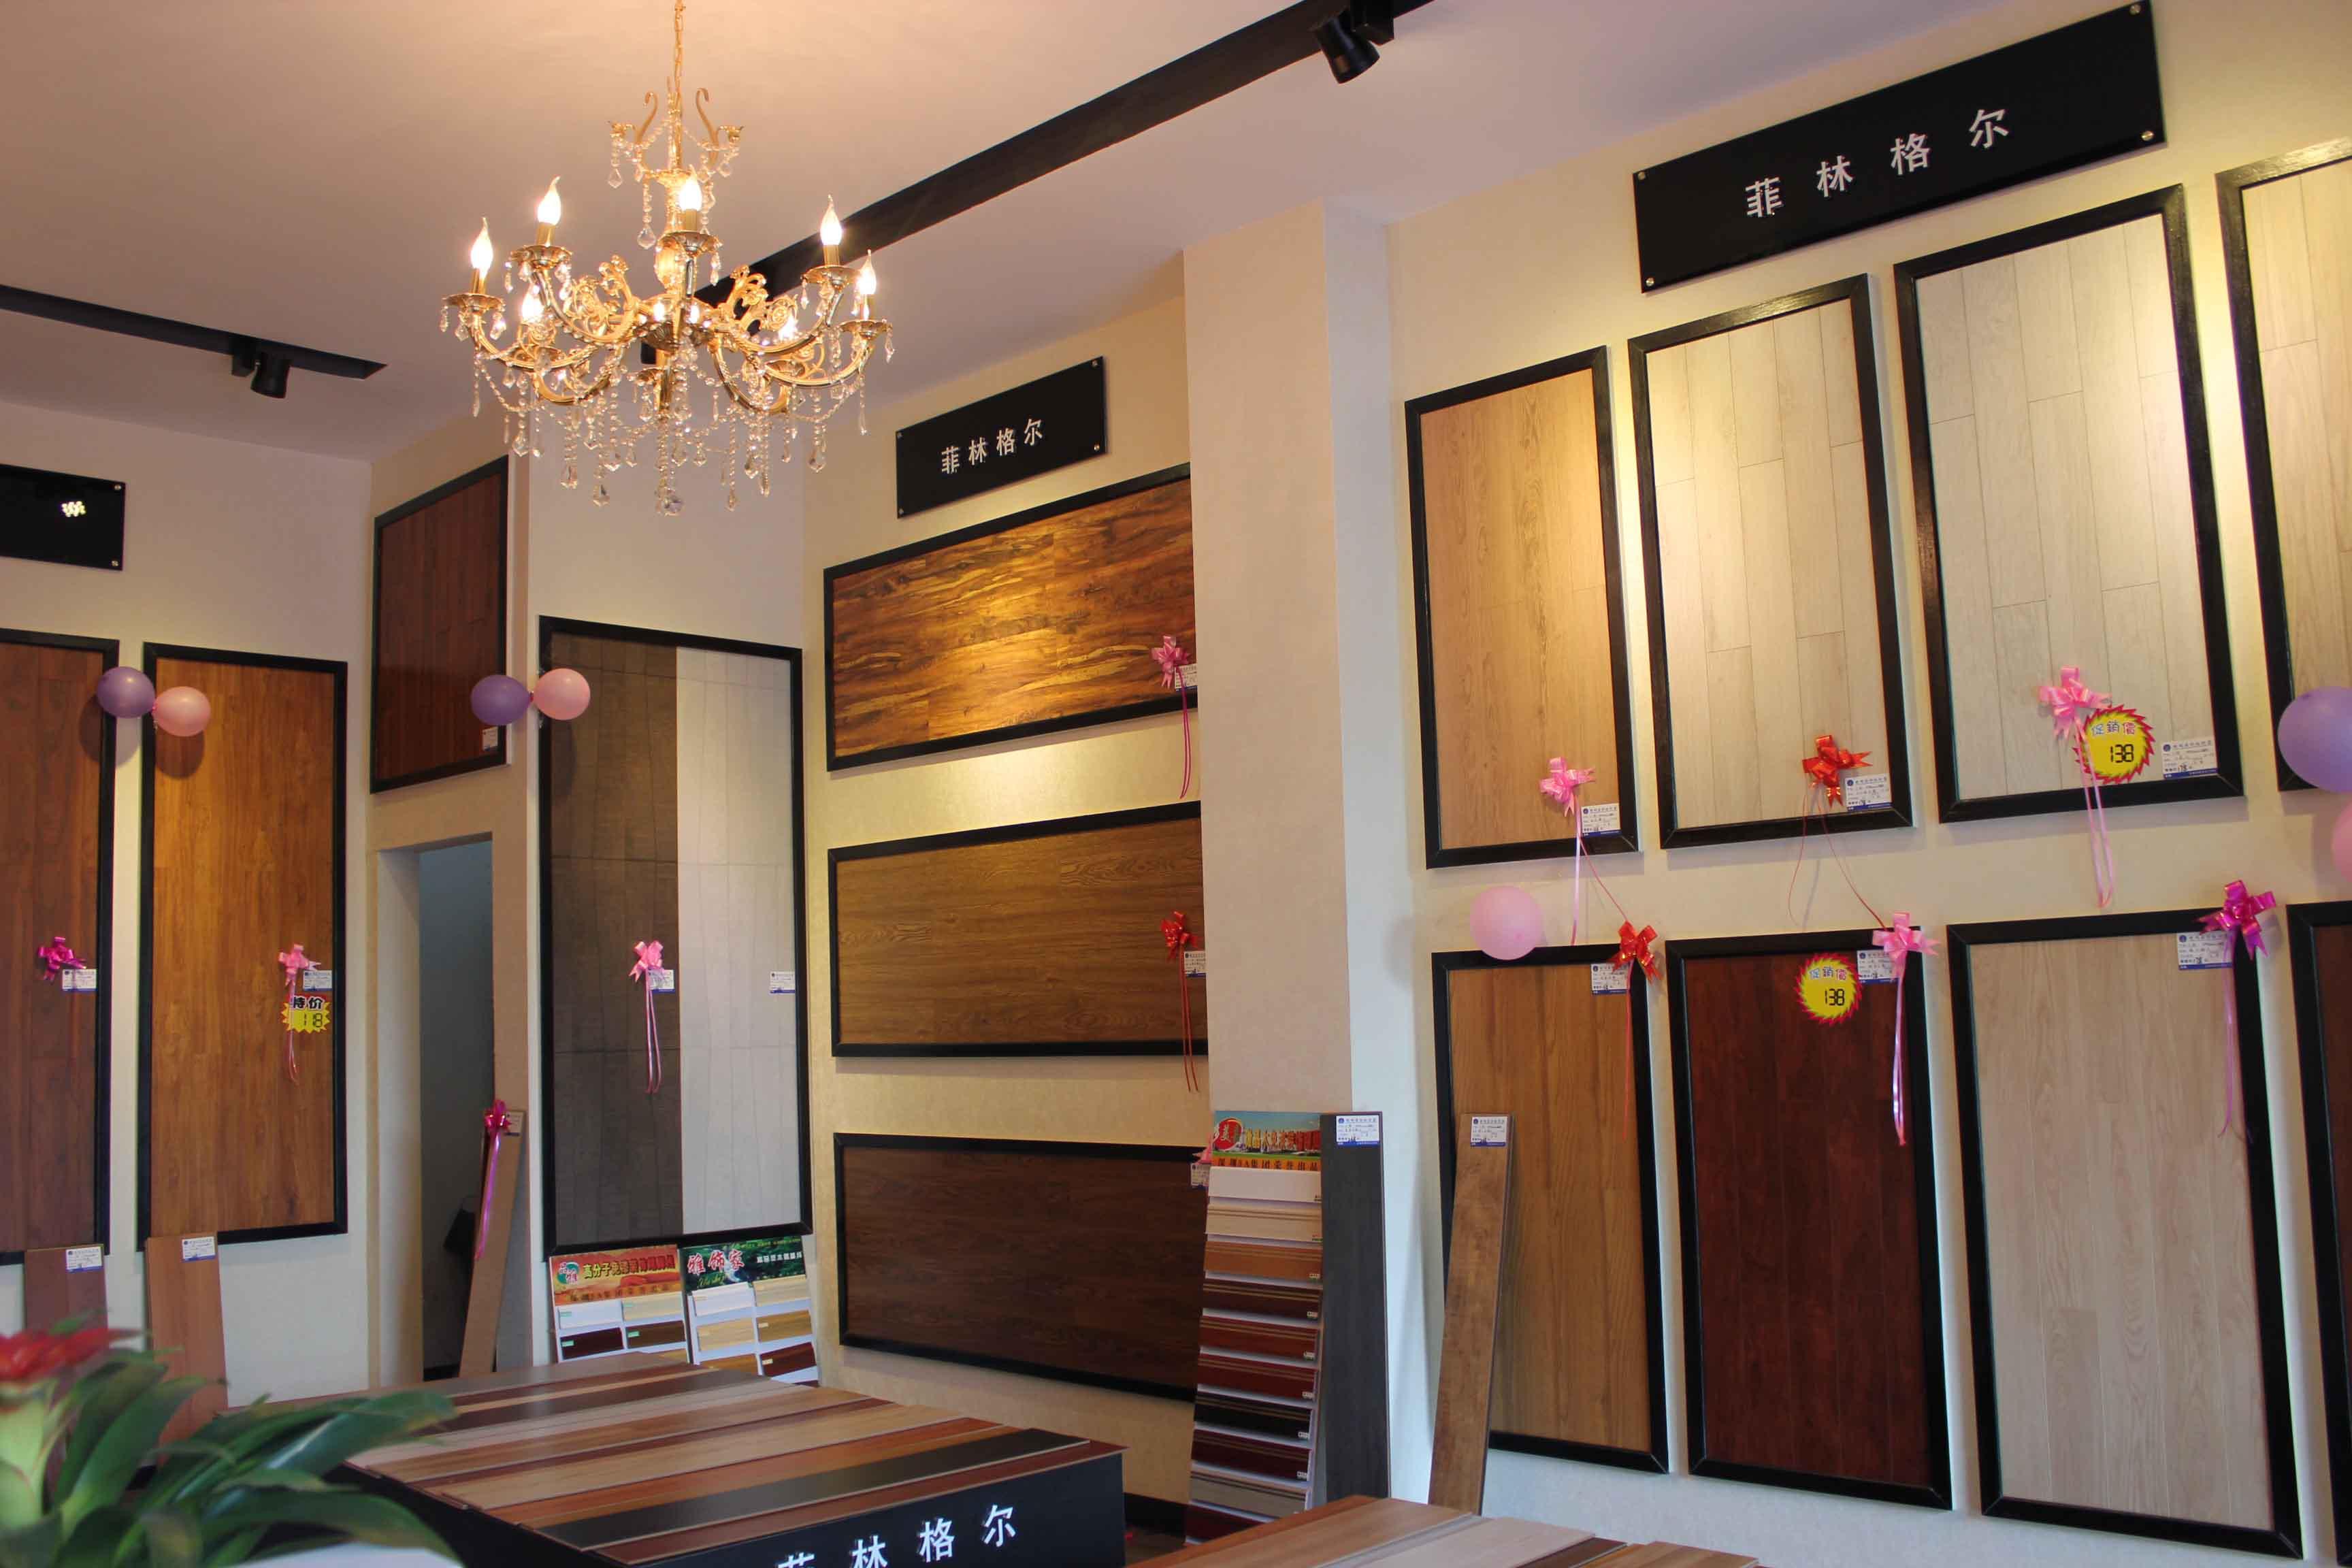 菲林格尔木地板专卖店开张